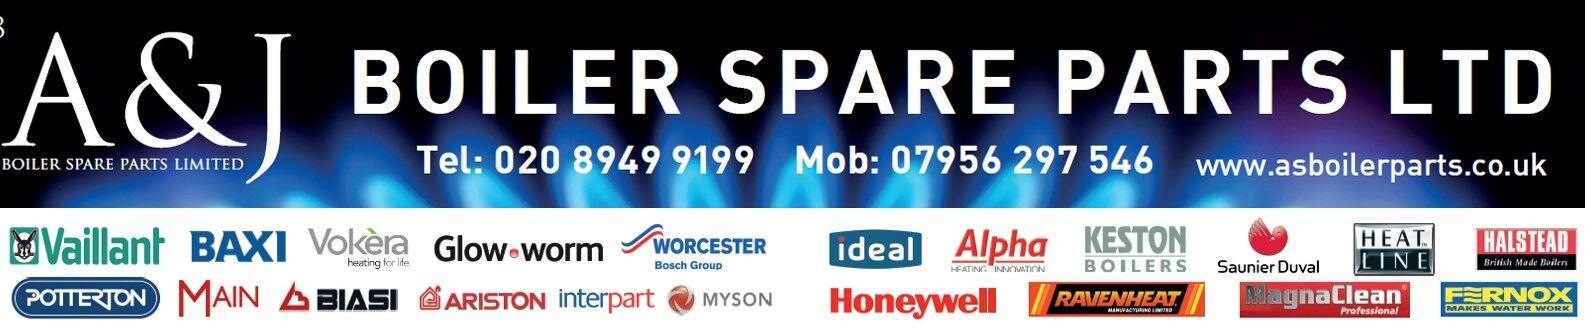 A&J Boiler Spare Parts Ltd